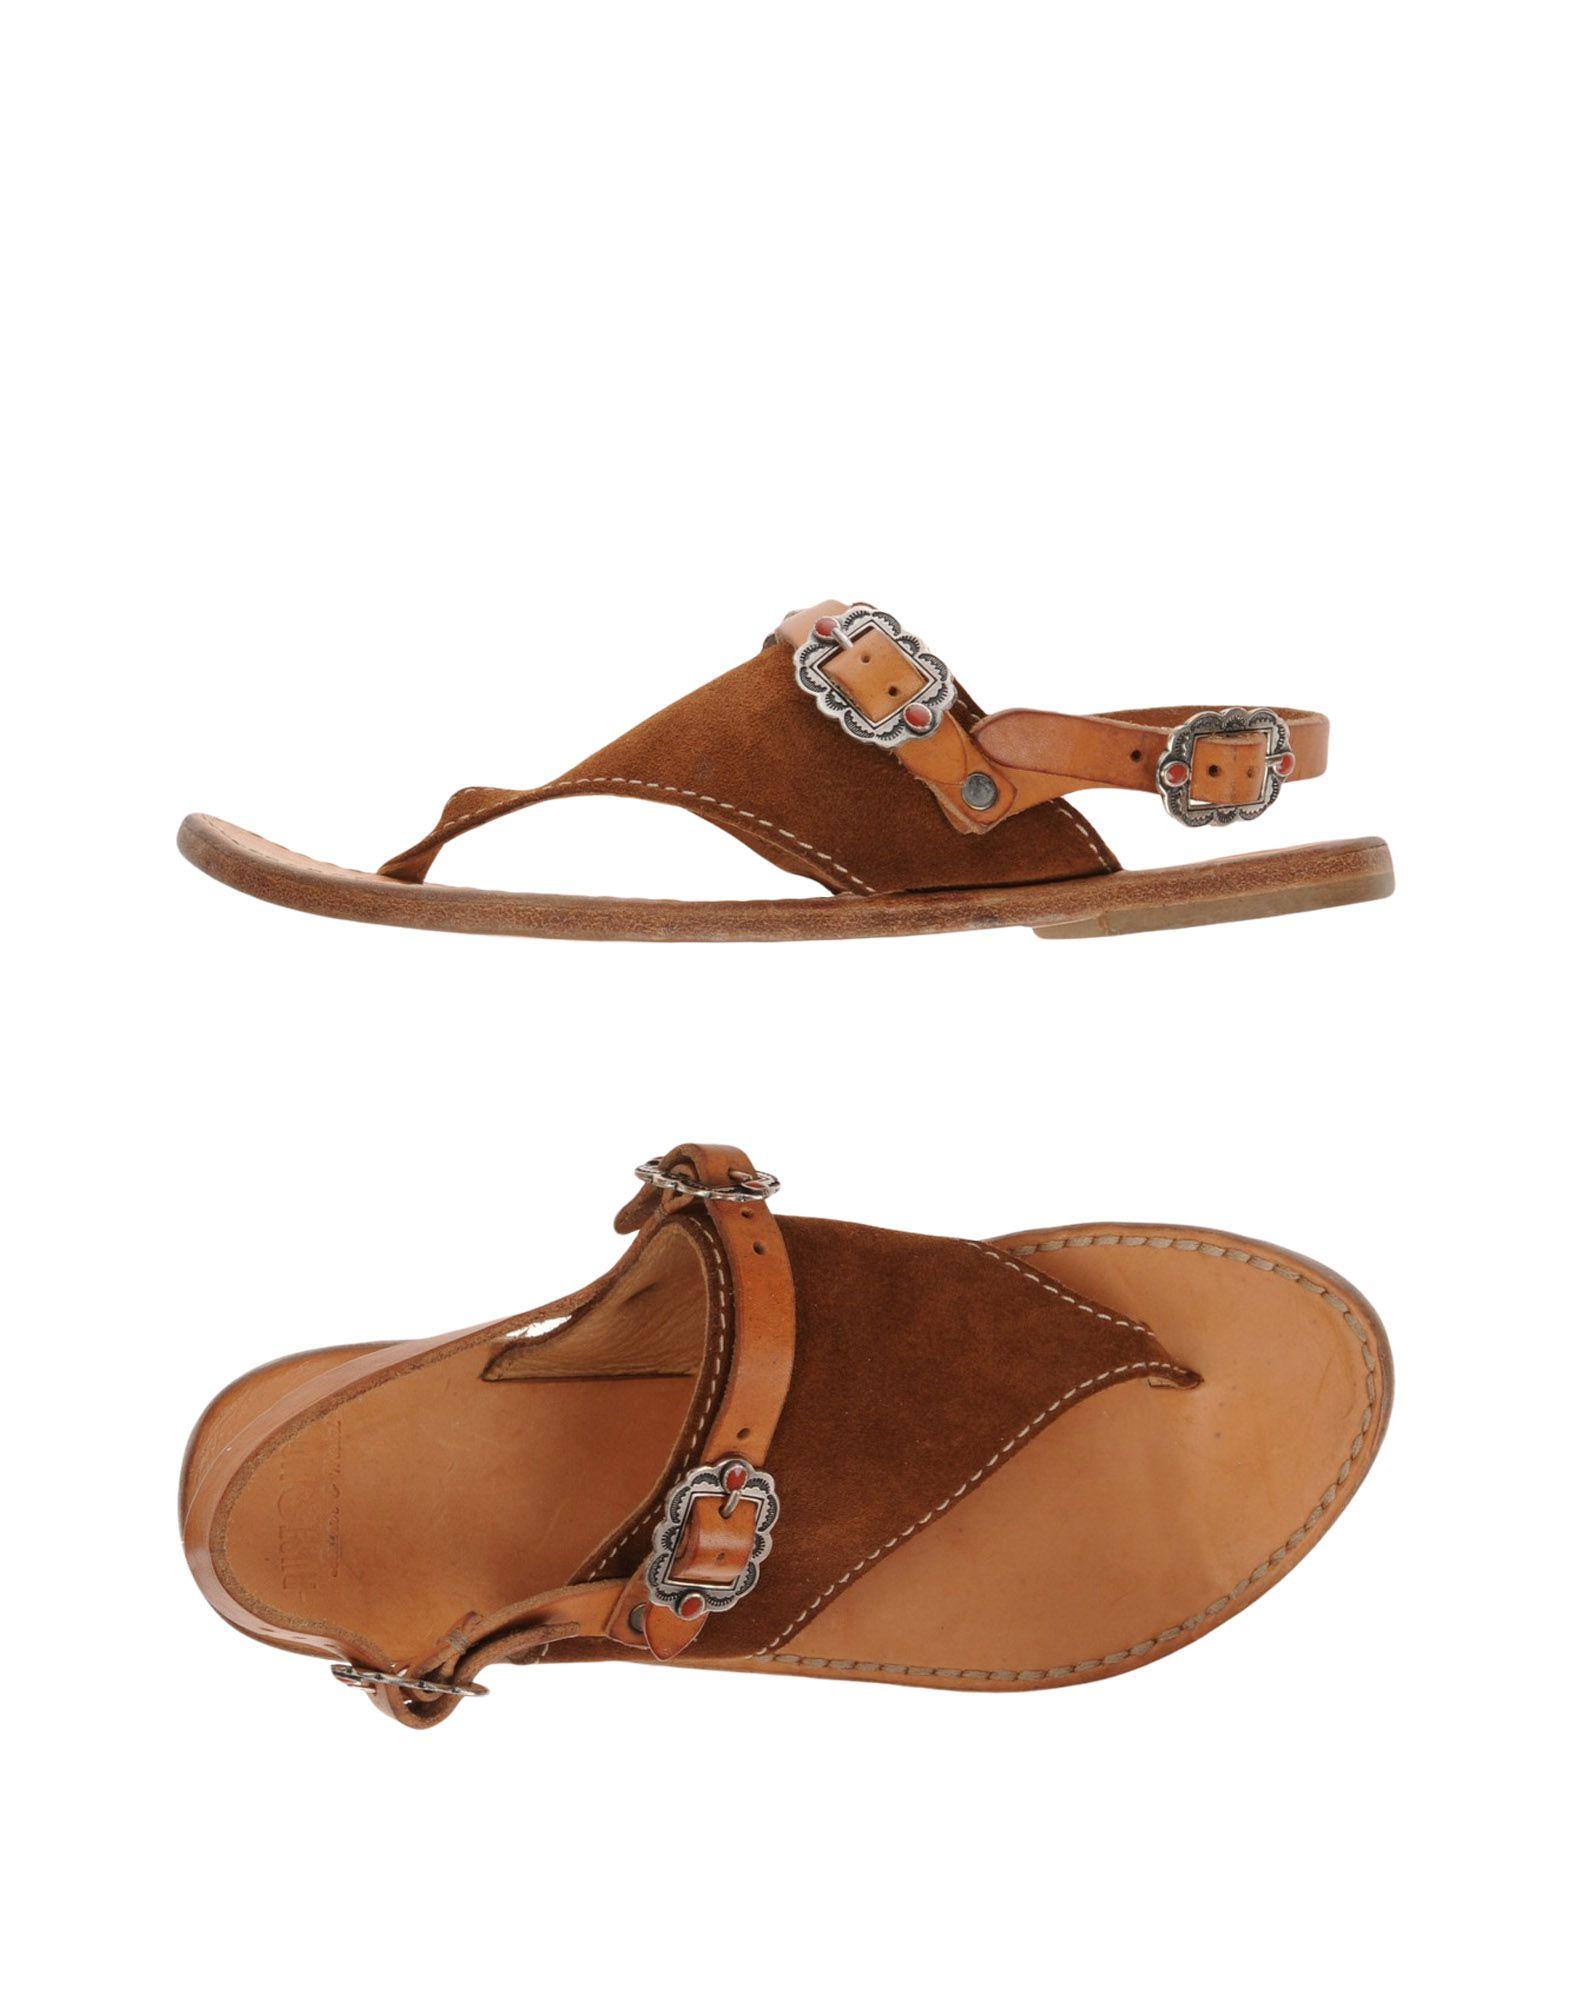 Rust Mood Dianetten Damen  11382787SK Gute Gute Gute Qualität beliebte Schuhe 6b34b1